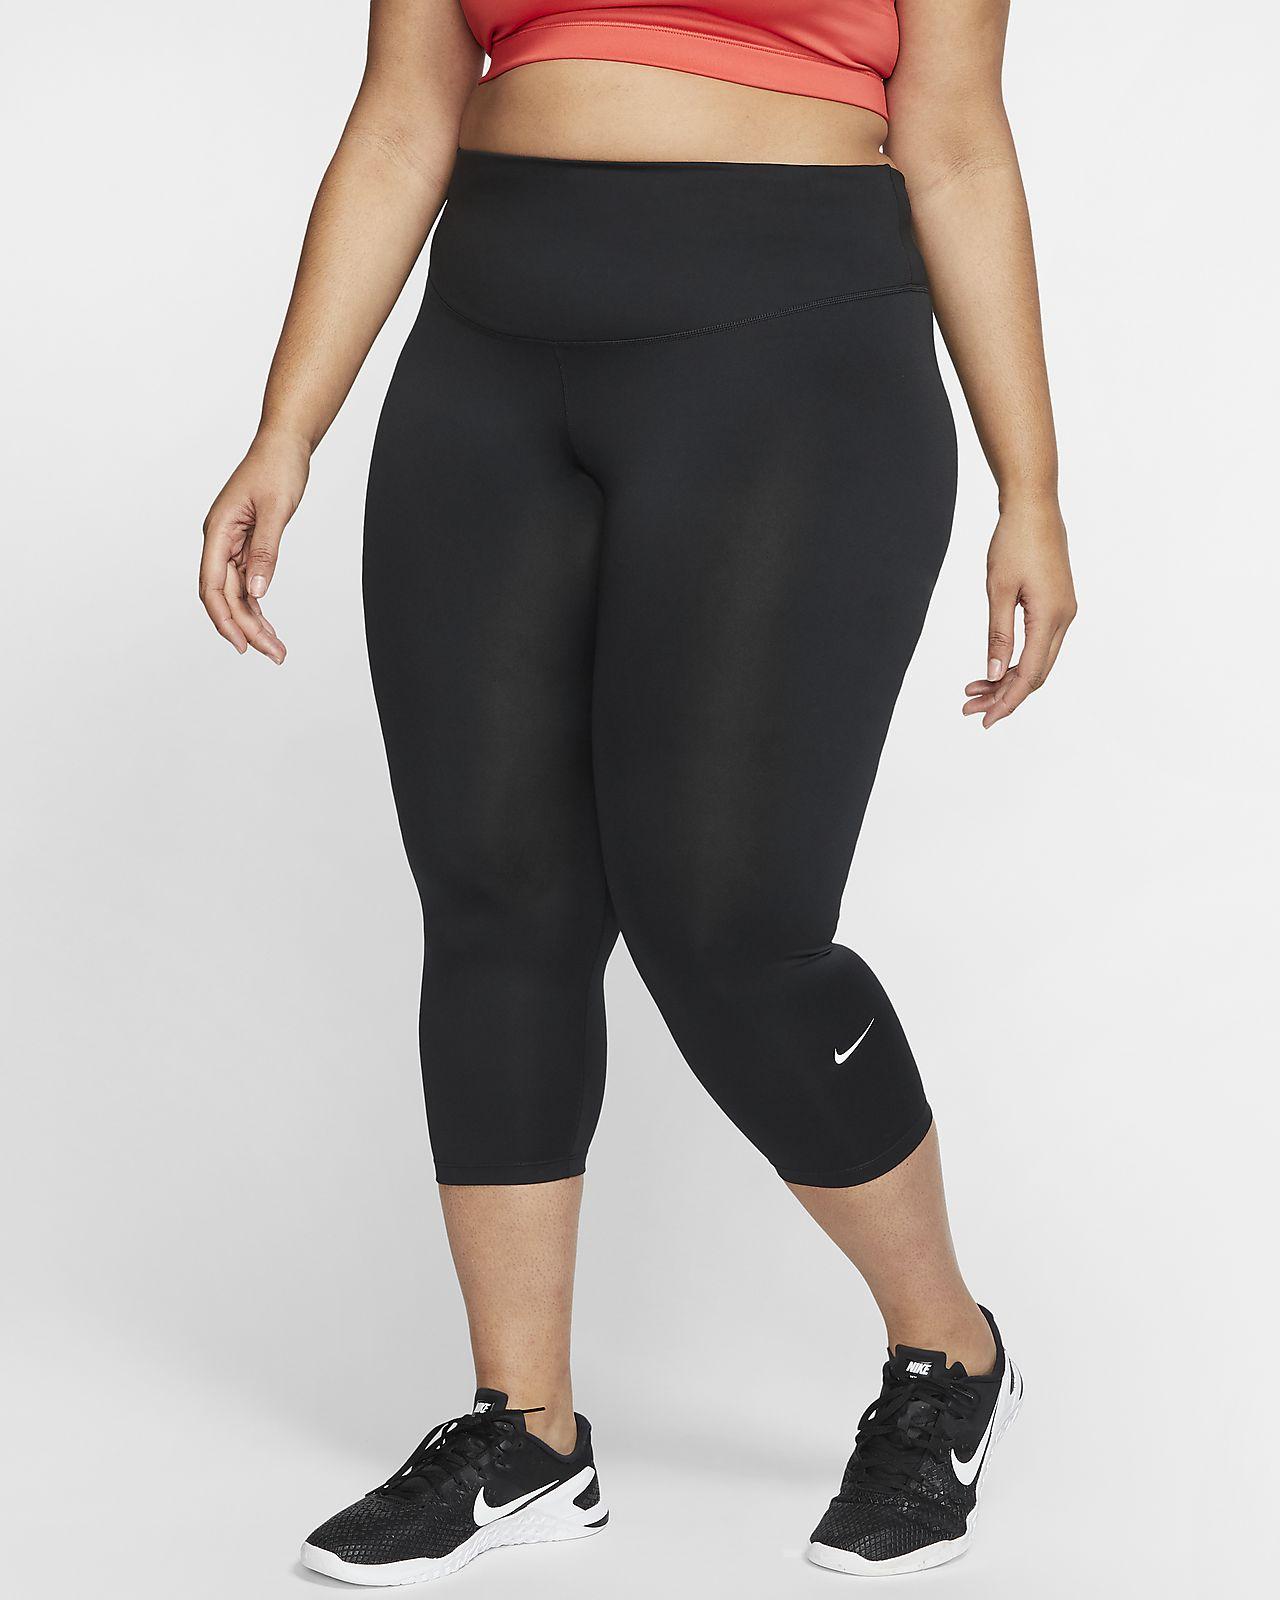 Nike One Crop-Leggings für Damen (große Größe)